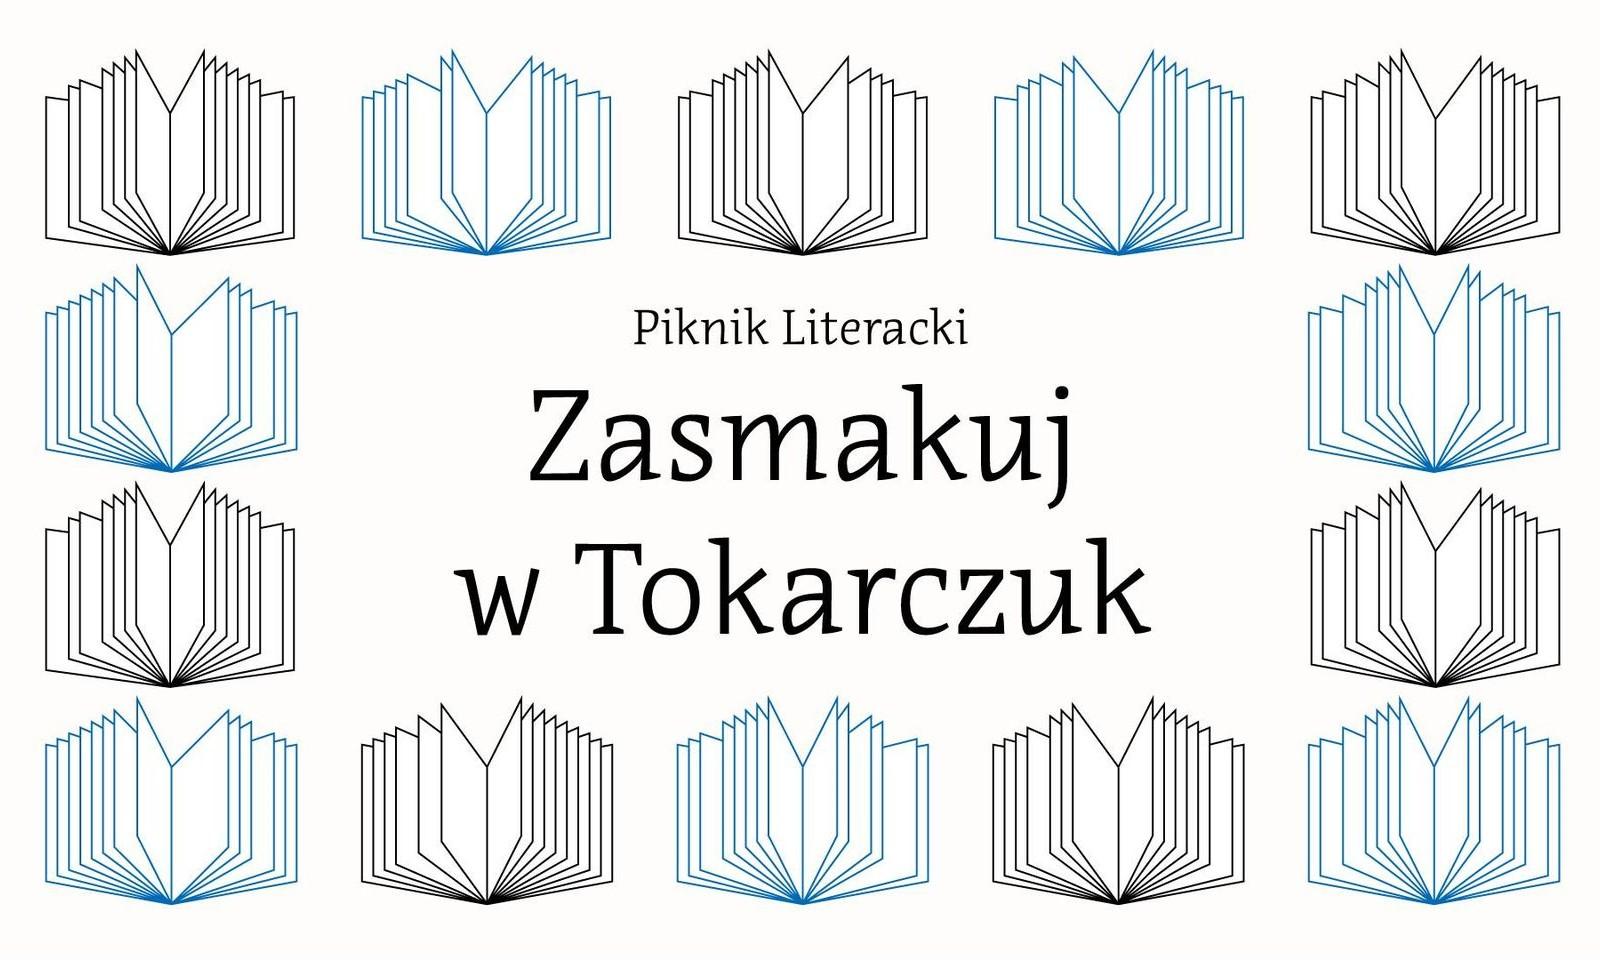 Piknik literacki. Zasmakuj w Tokarczuk